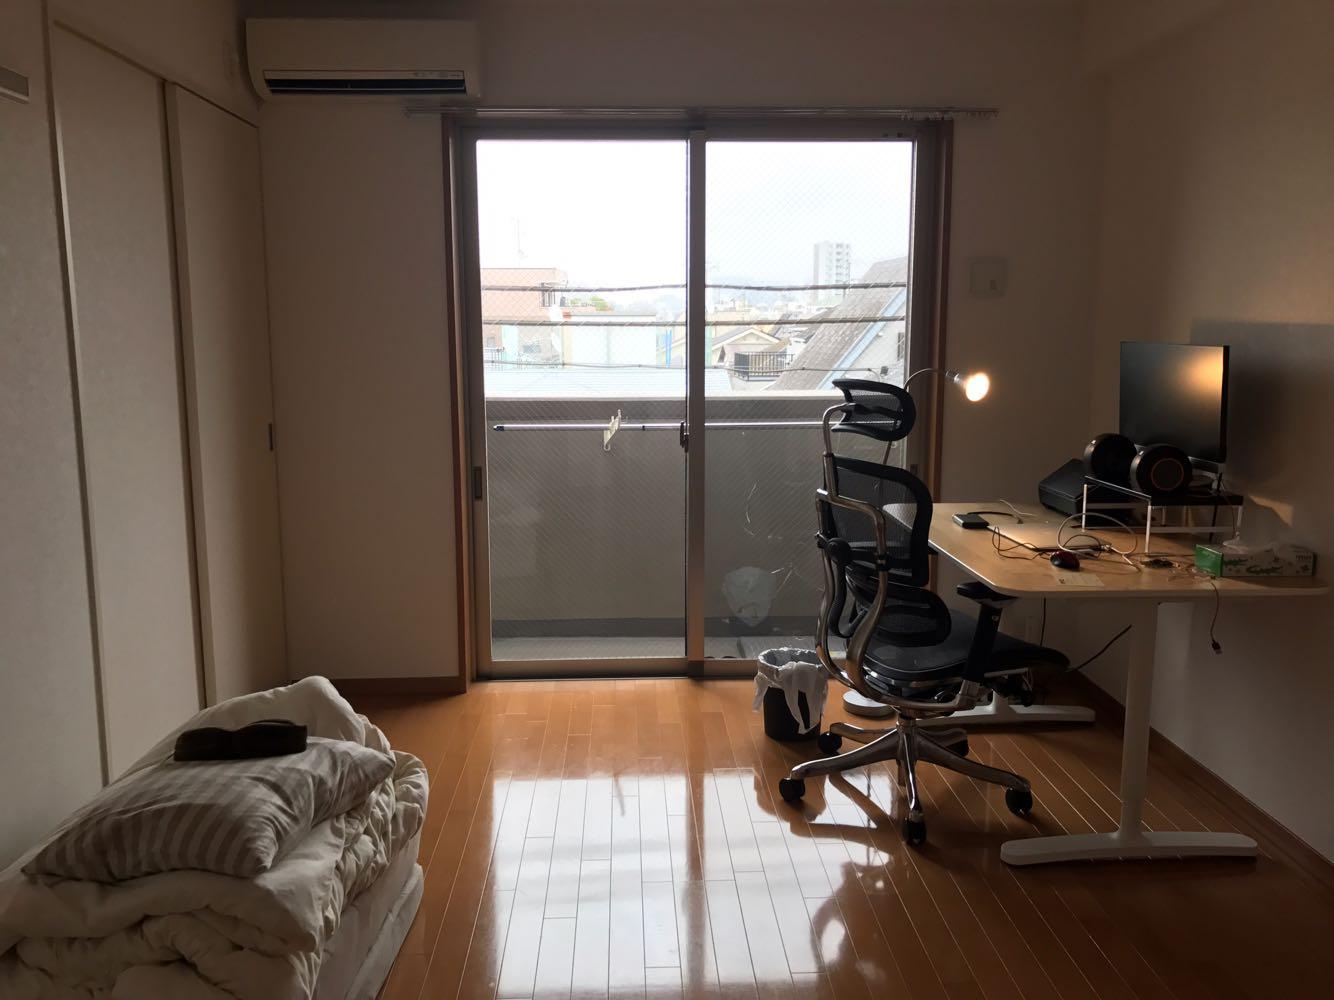 2年続いたシェアハウス生活を卒業!武蔵小山で7年ぶりにひとり暮らしを再開しました♪